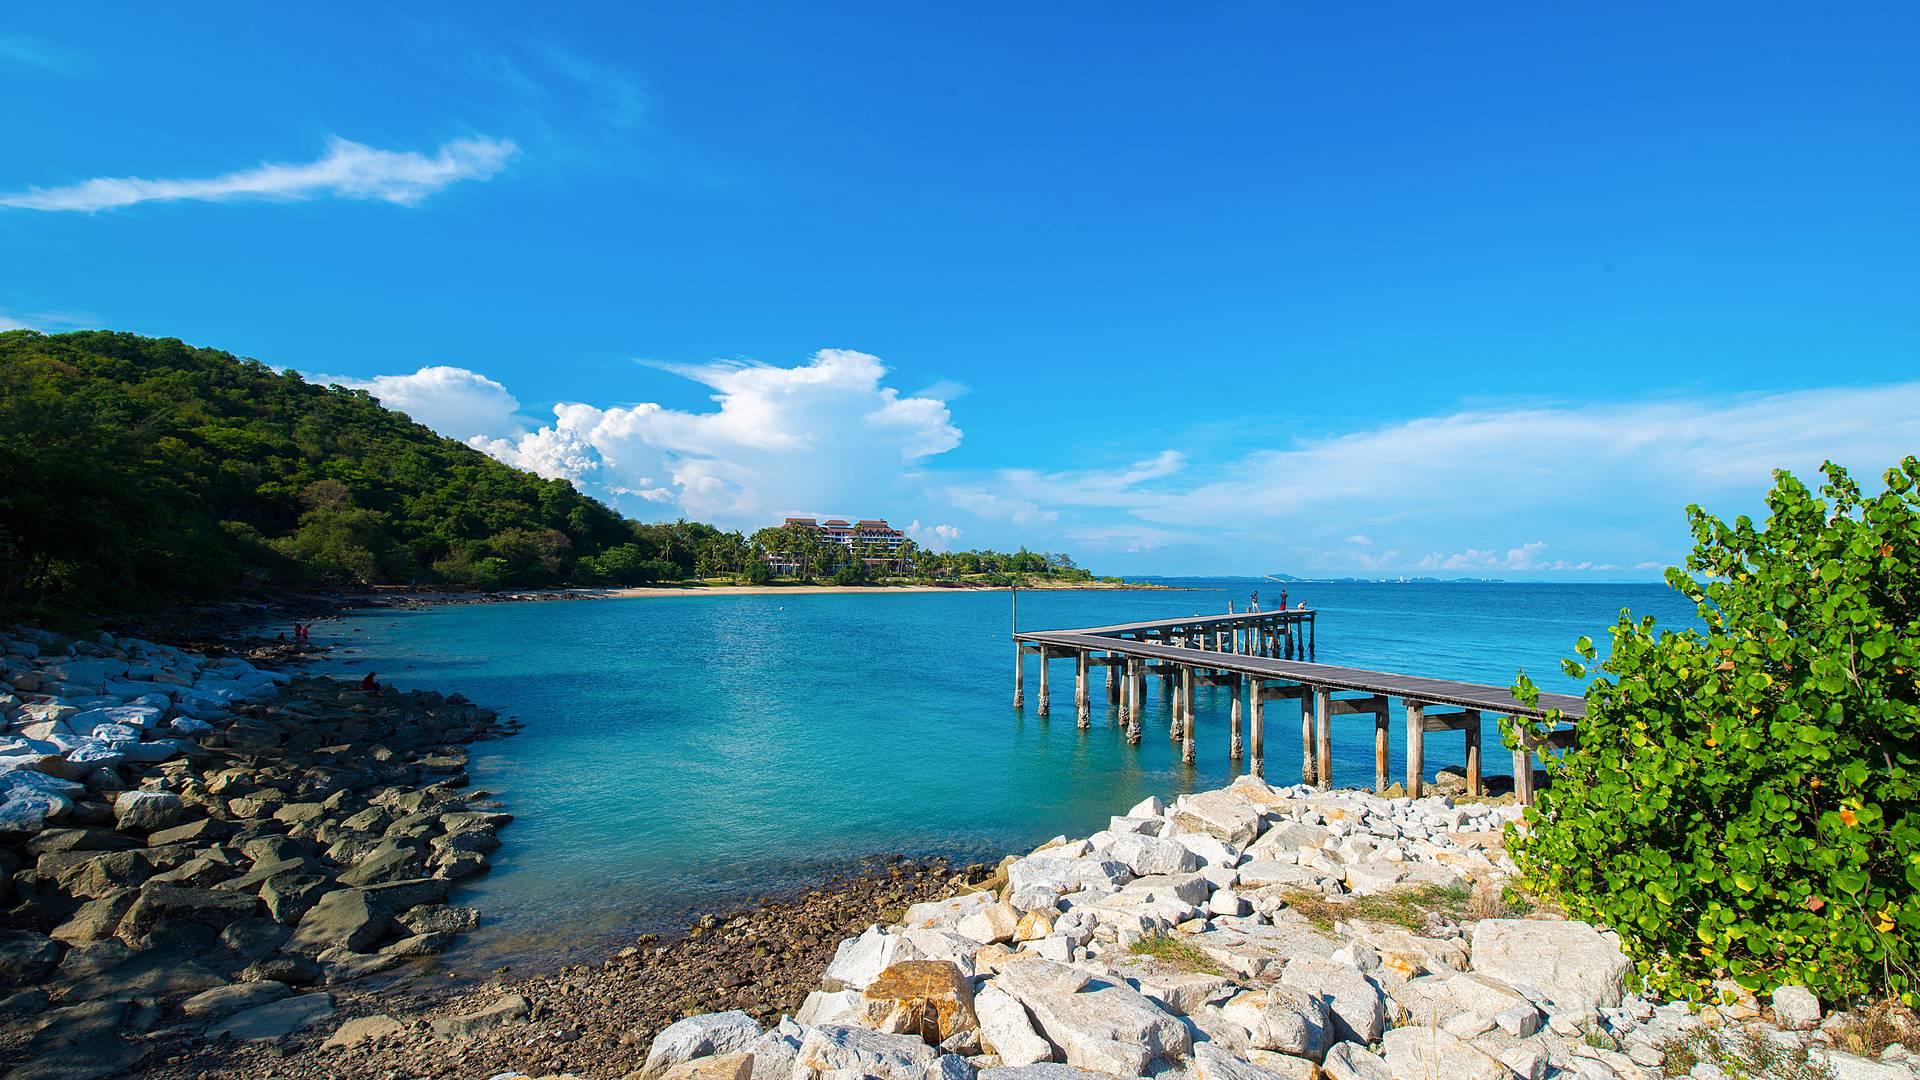 Vacanza estiva tra cultura, avventura e l'isola incantevole di Samui